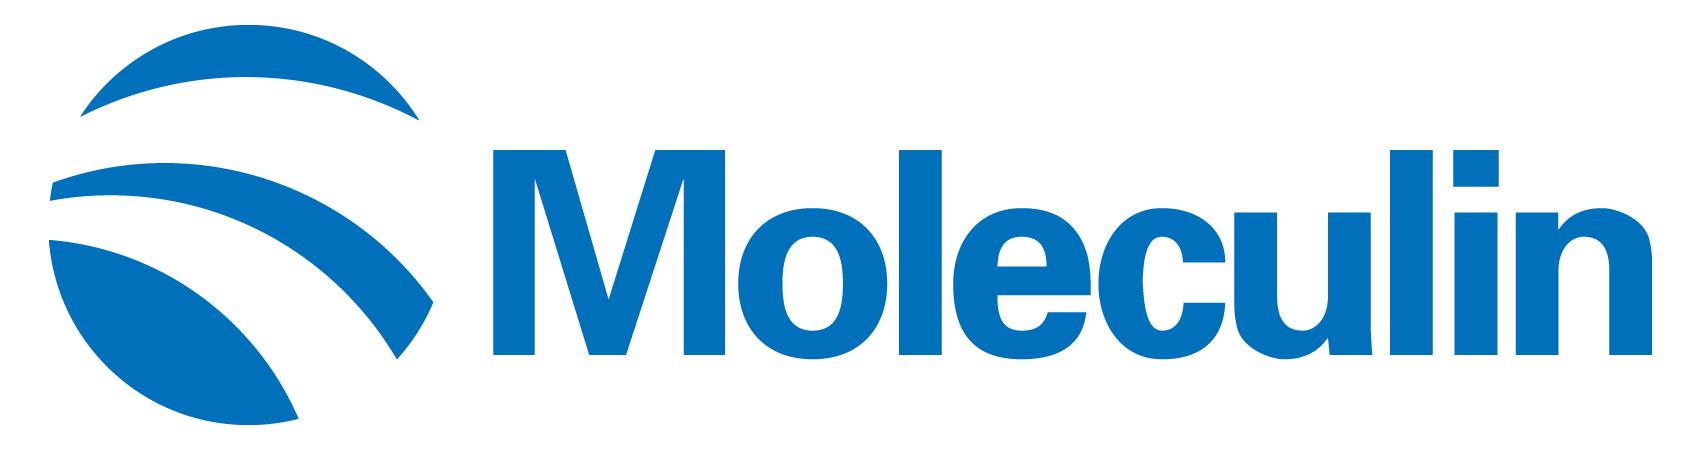 MOLECULIN-LOGO_HORIZA31.JPG